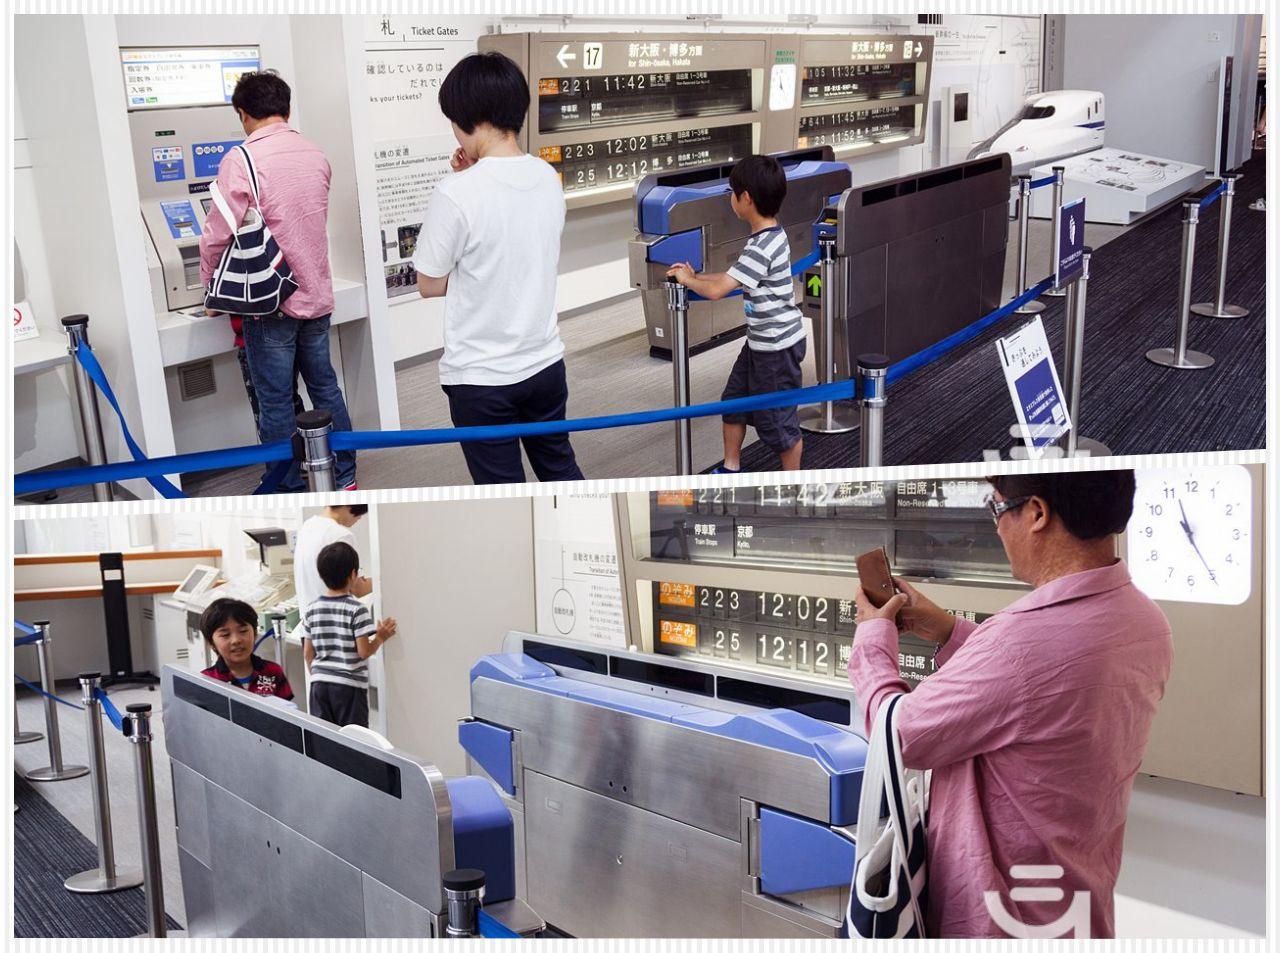 【名古屋景點】JR磁浮鐵道館 》體驗鐵道歷史與科技進步的軌跡 54